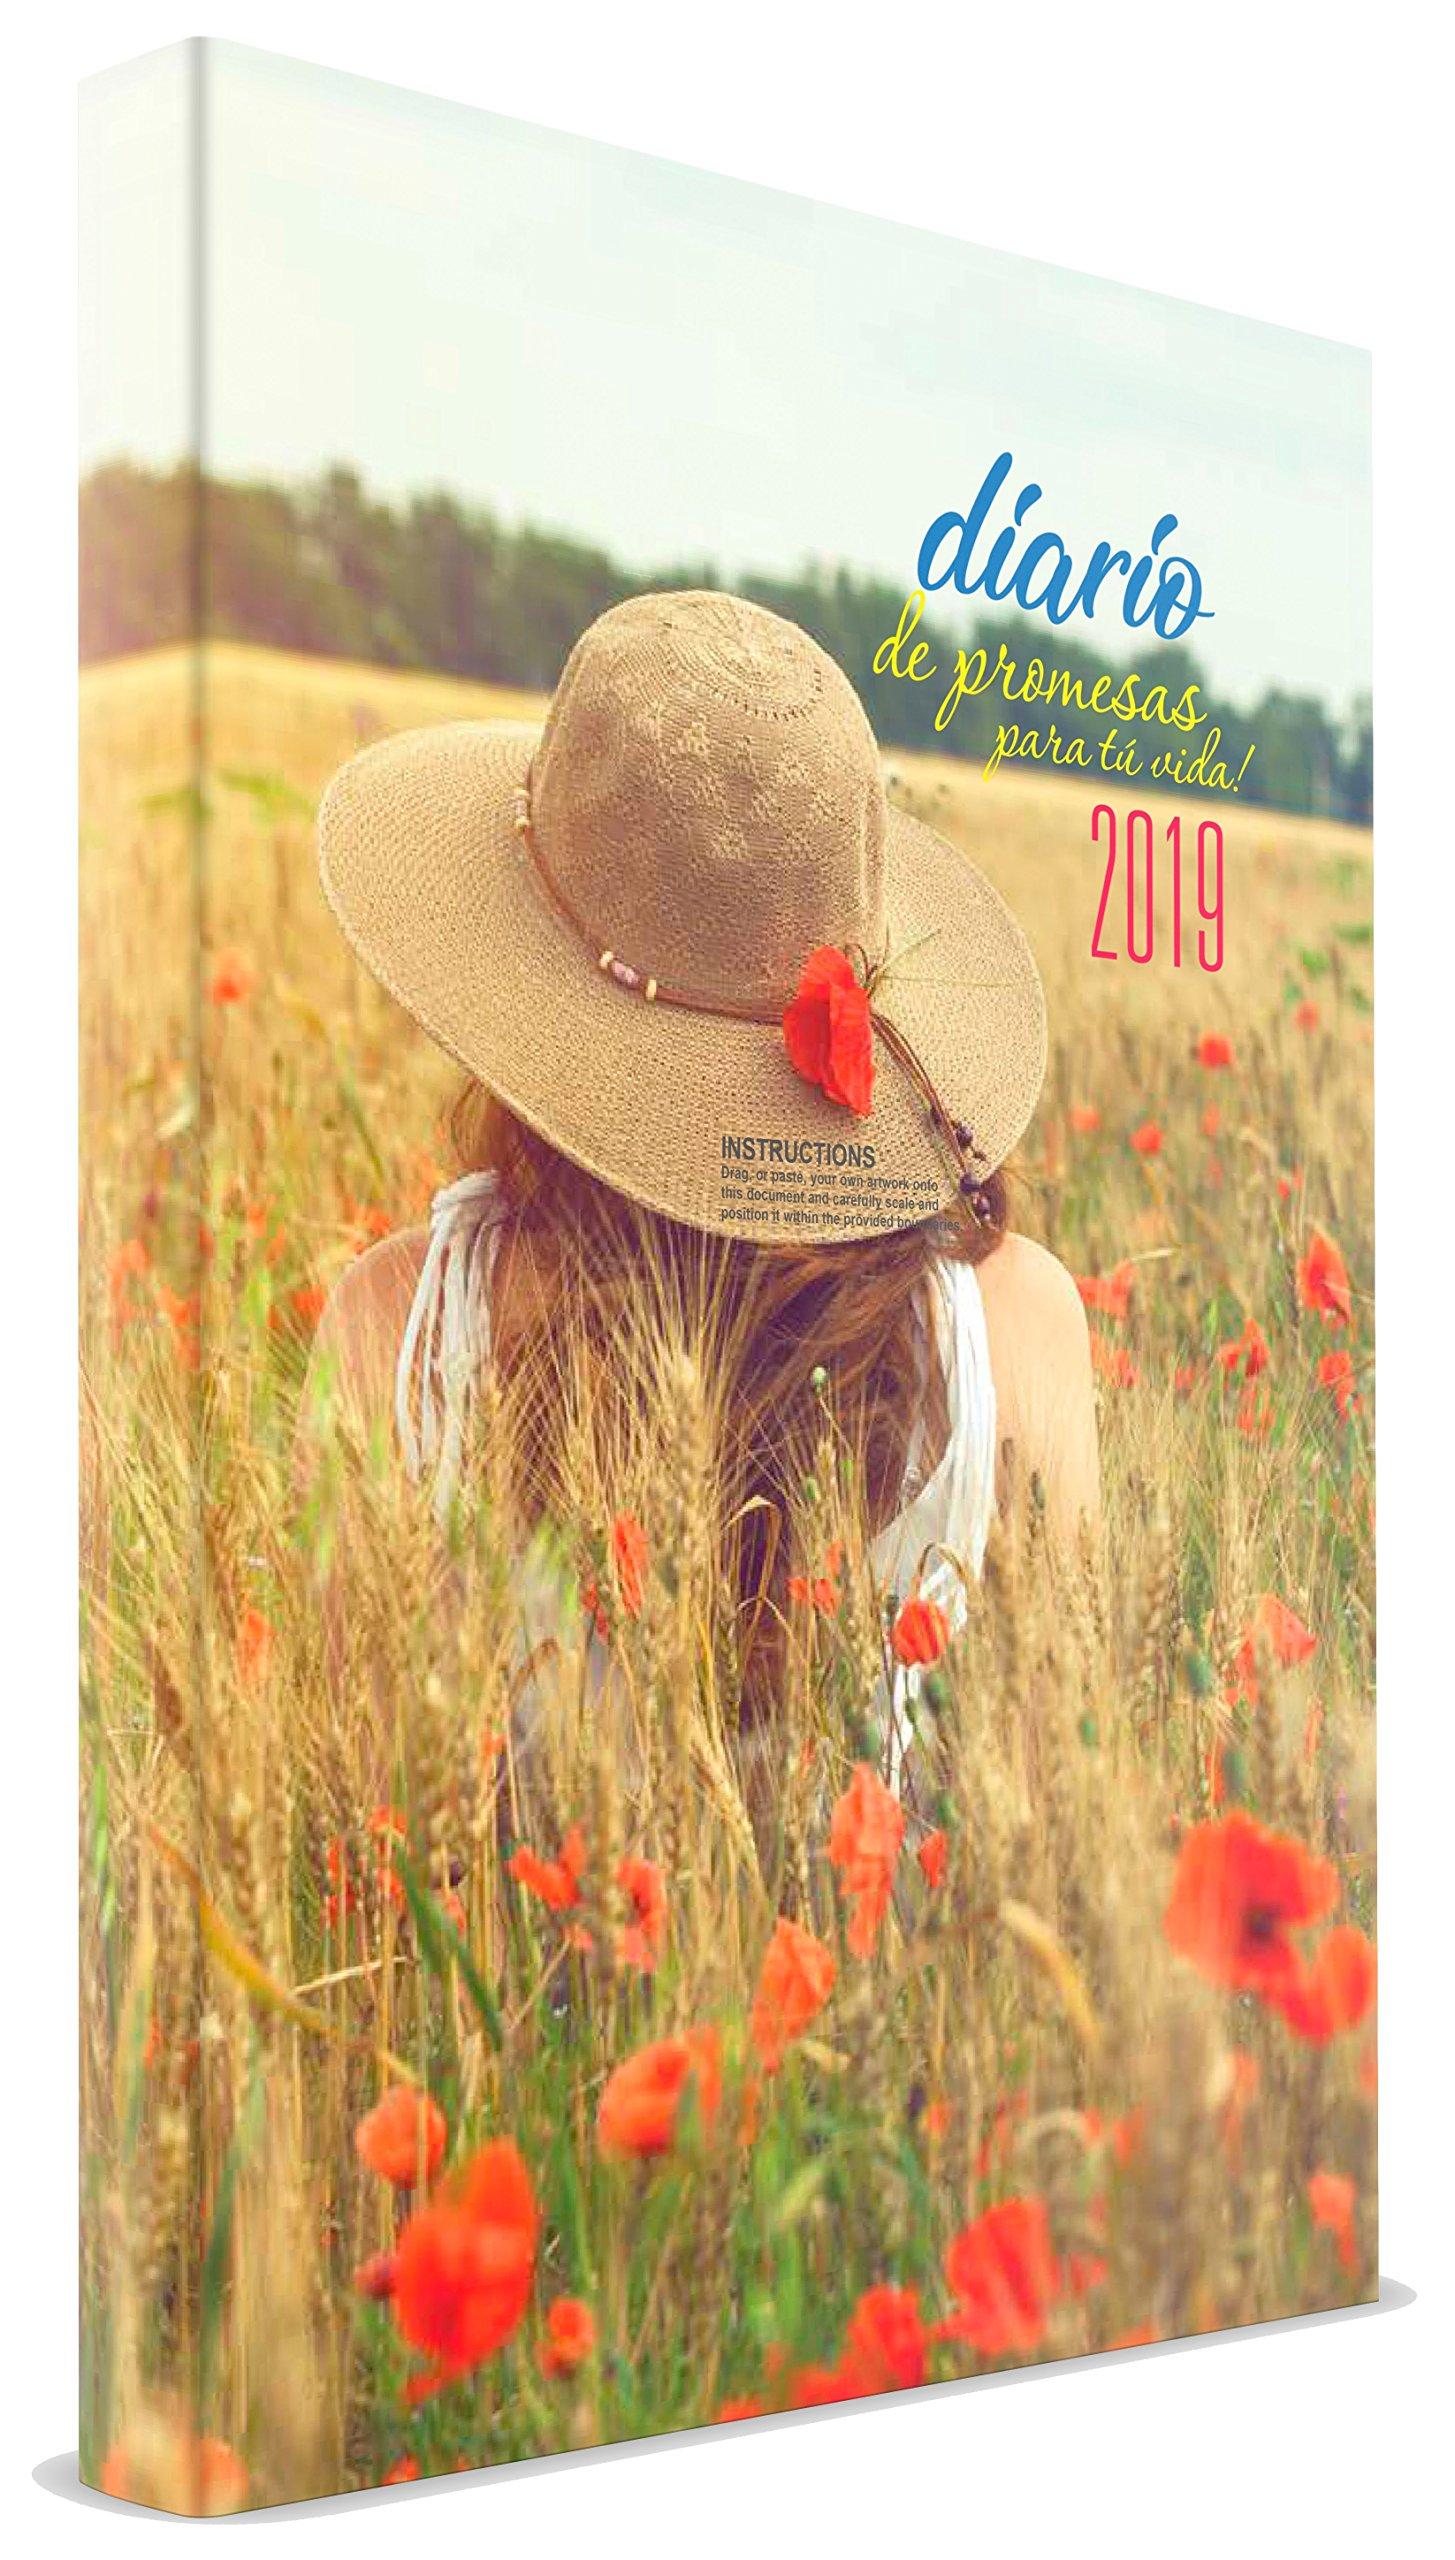 Agenda 2019 Diario de promesas - Campo (Spanish Edition ...